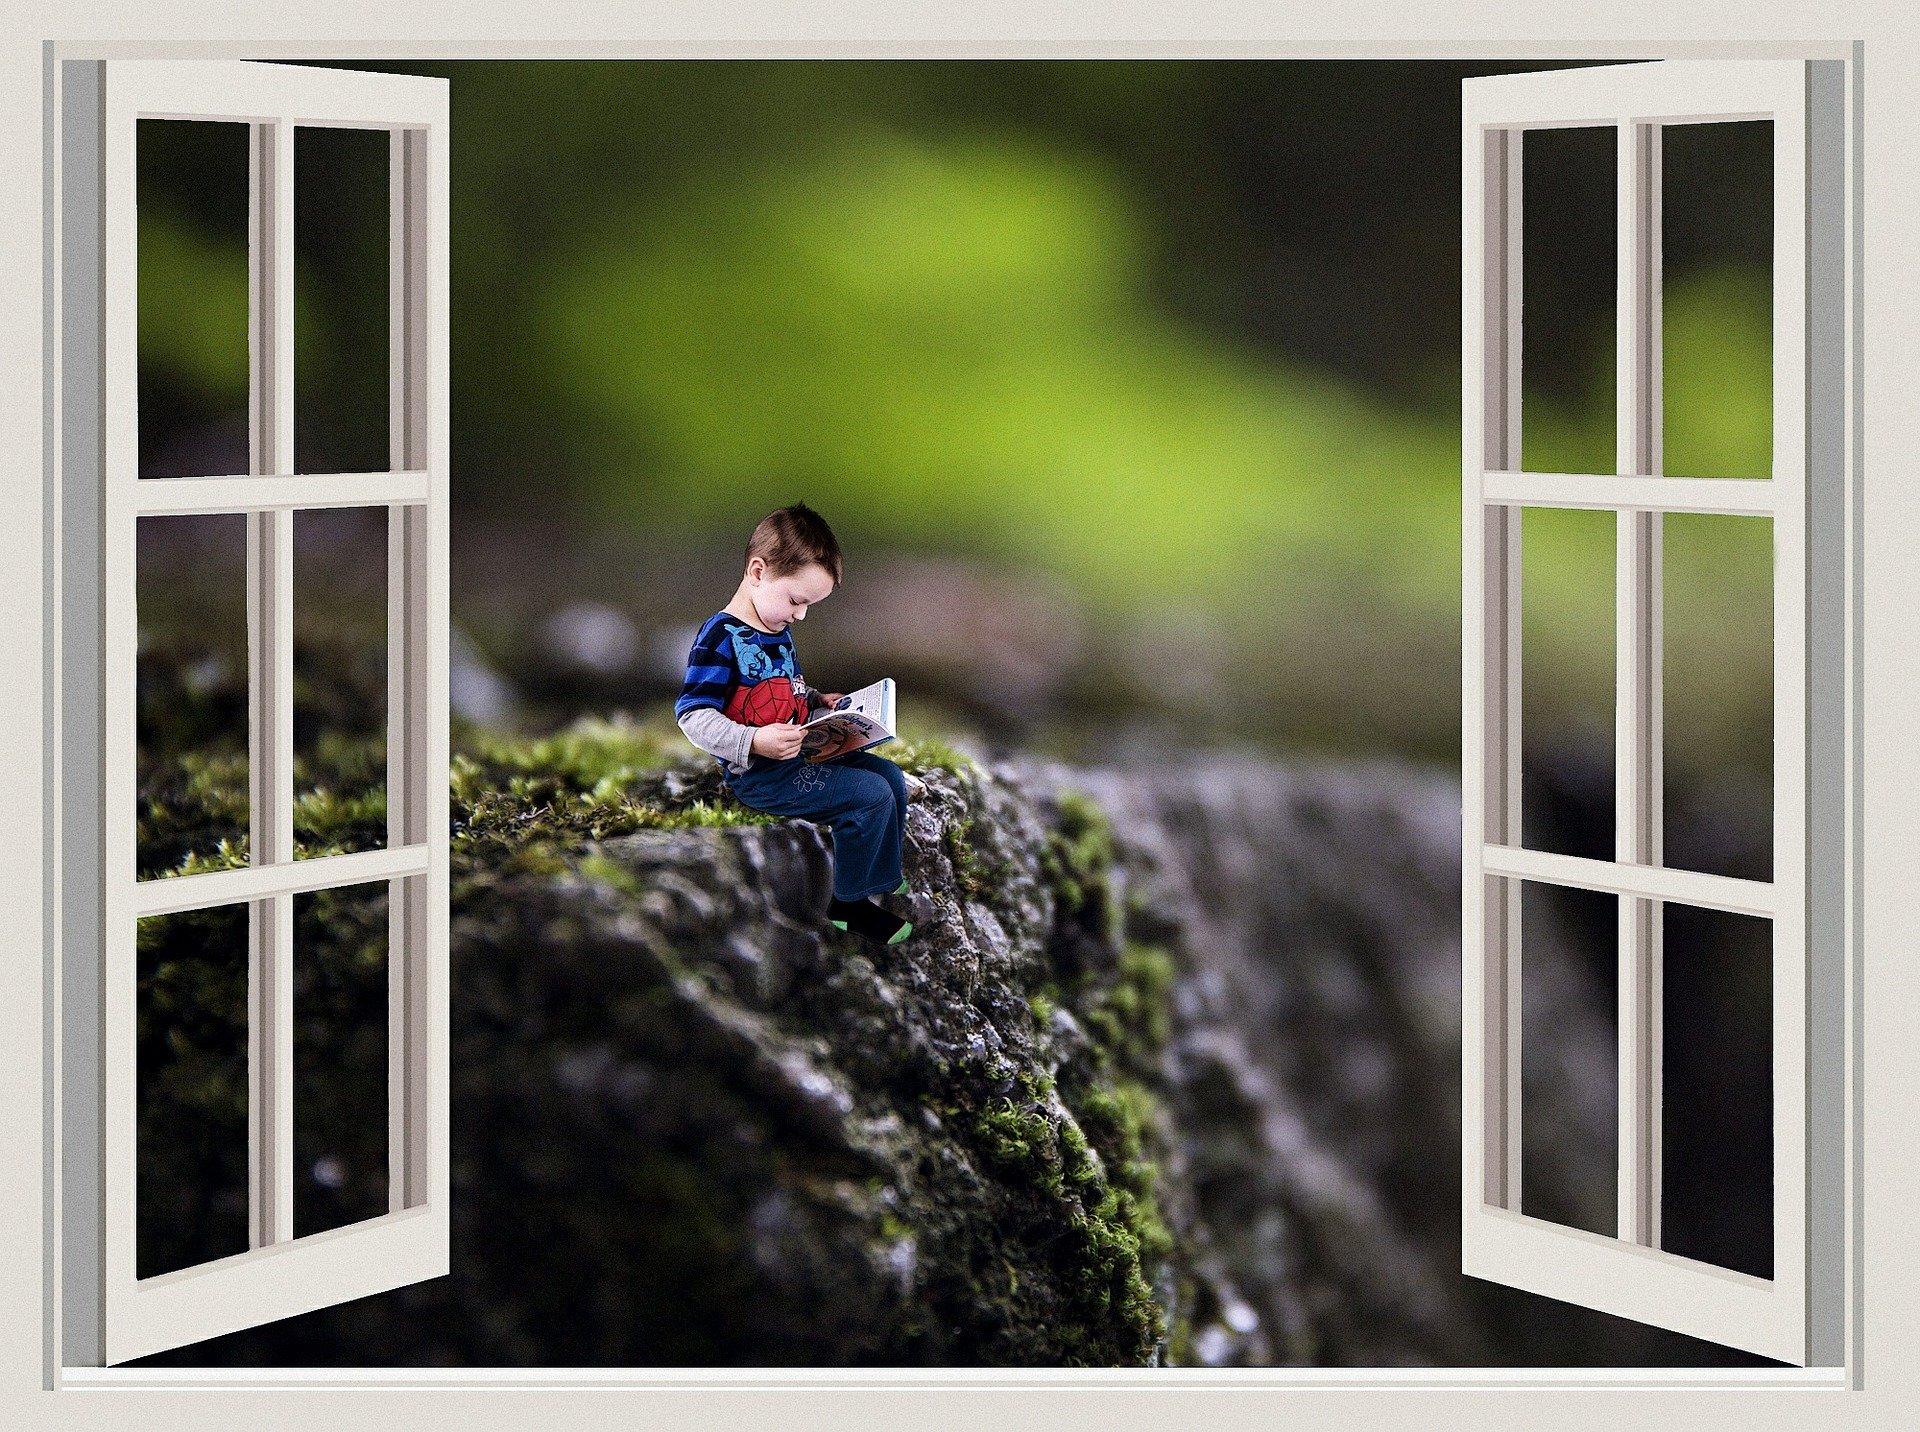 una finestra dalla quale si vede un bambino in un dirupo che legge